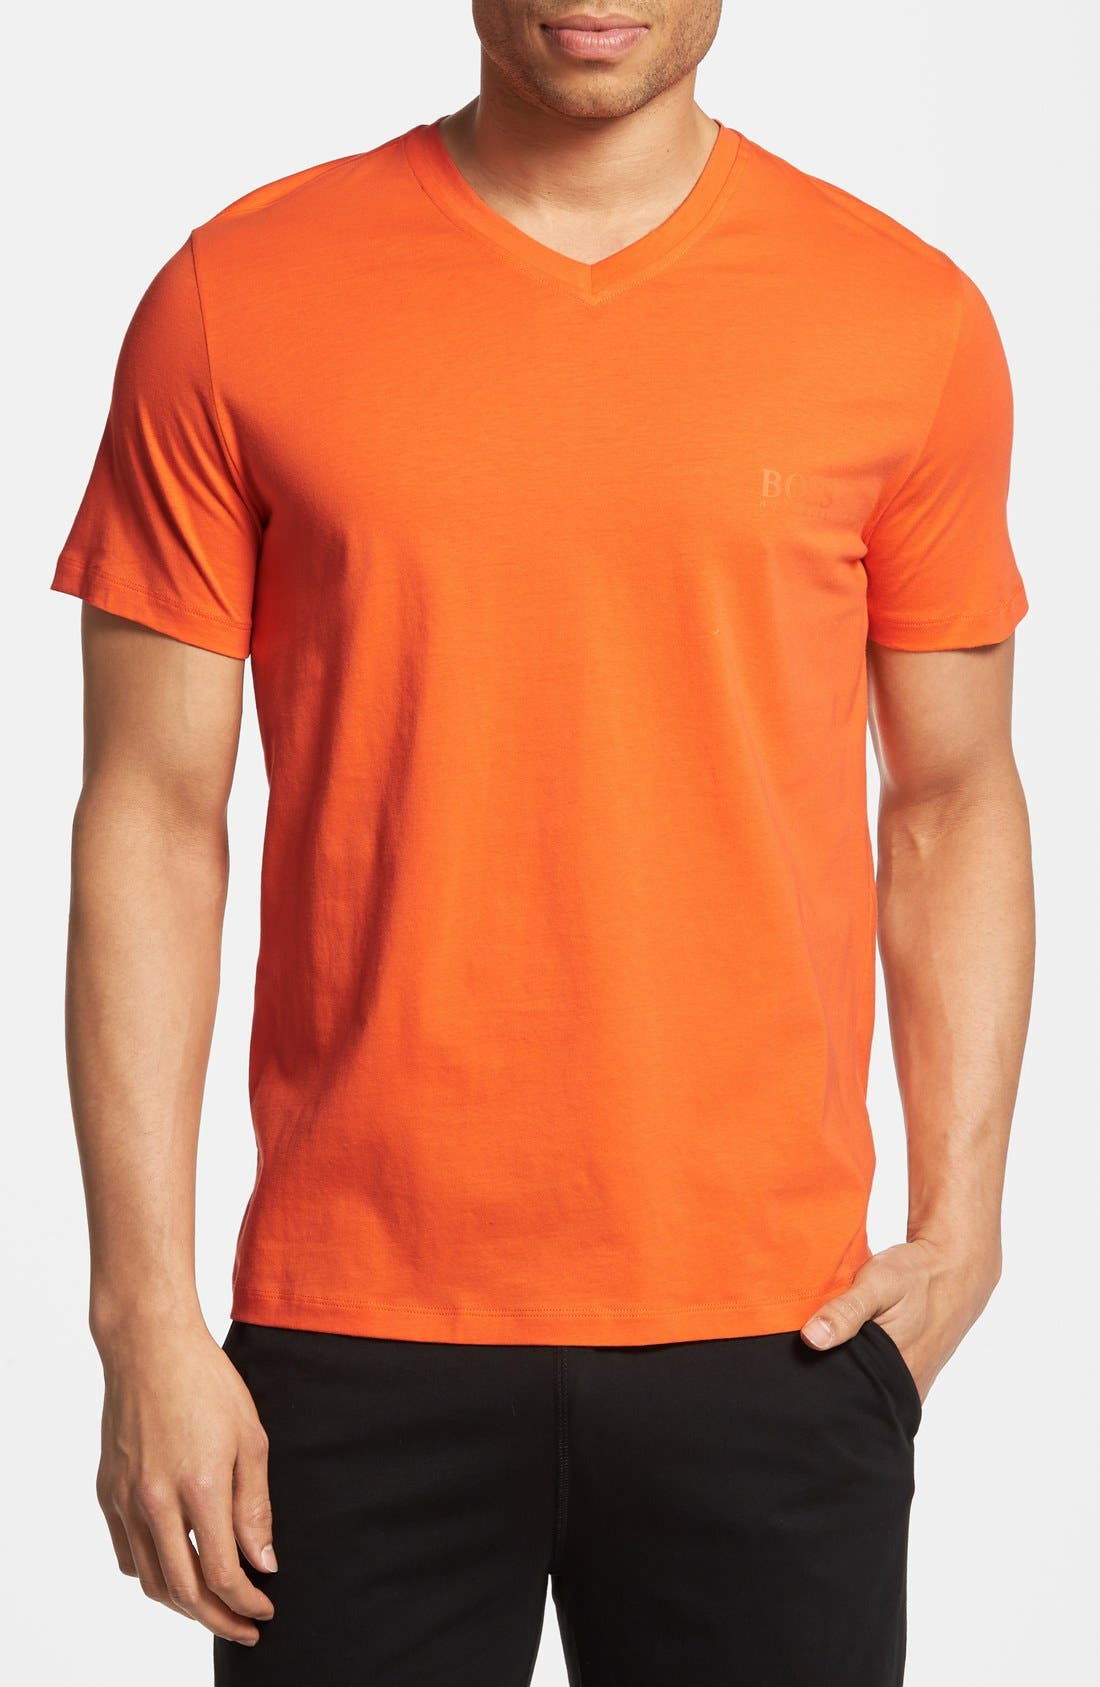 Alternate Image 1 Selected - BOSS HUGO BOSS Cotton V-Neck T-Shirt